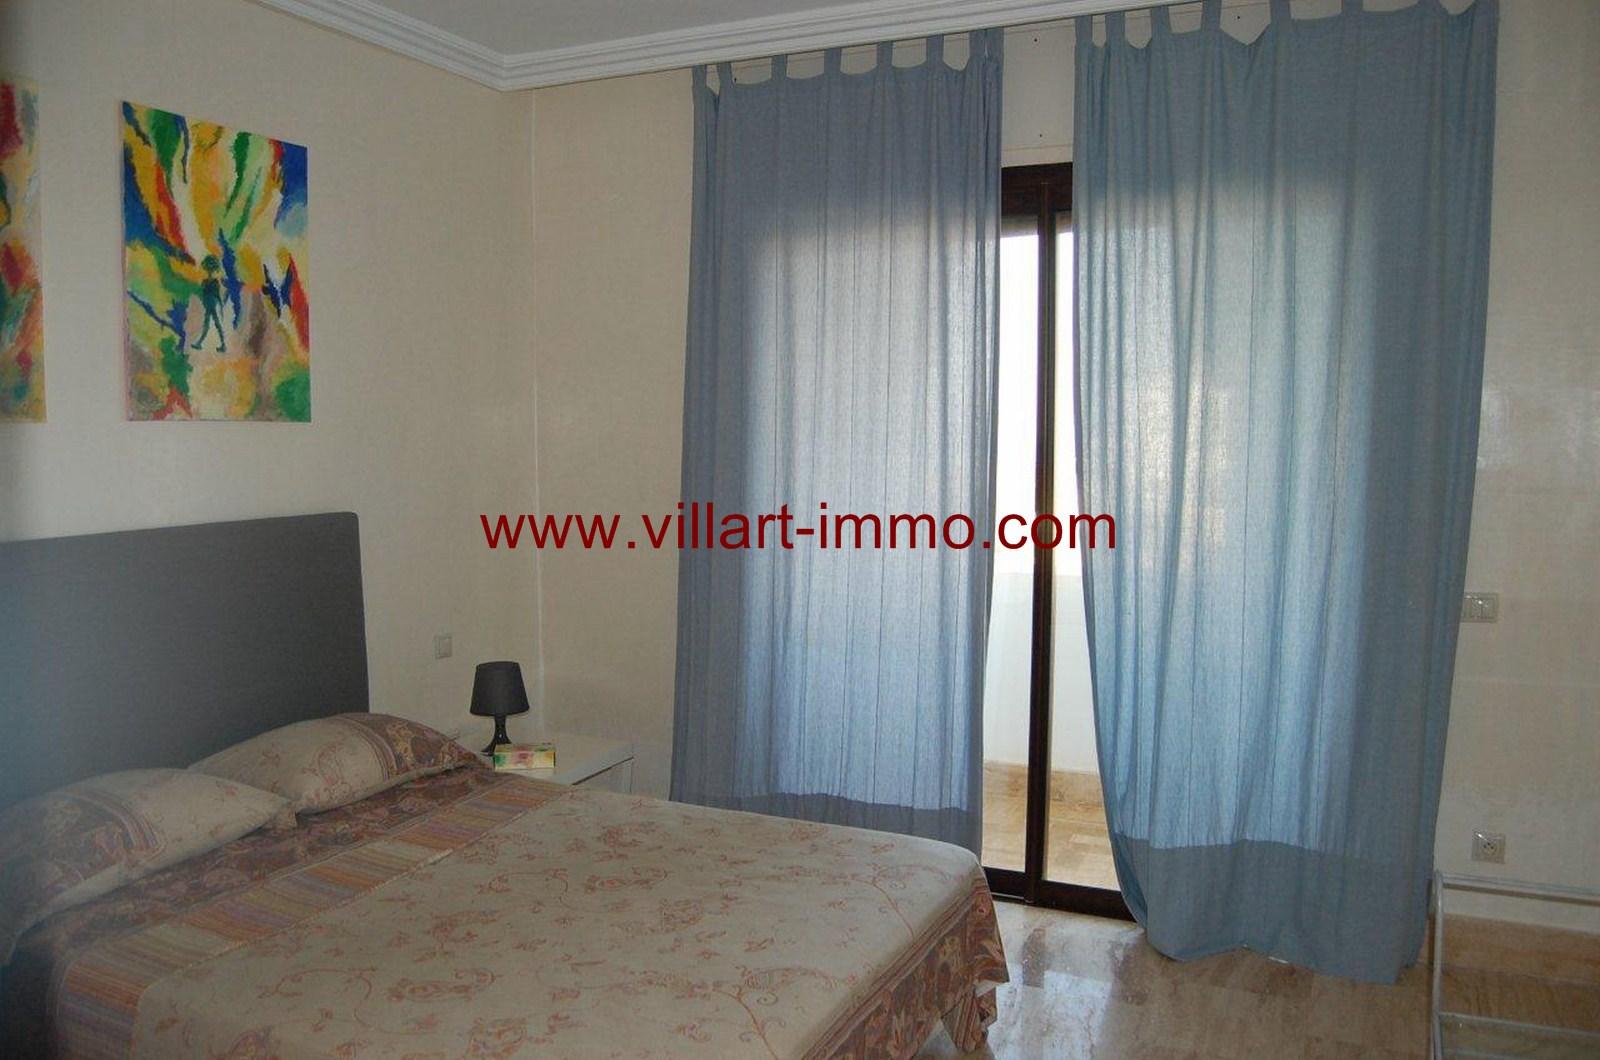 5-vente-appartement-tanger-achakar-chambre-2-va389-villart-immo